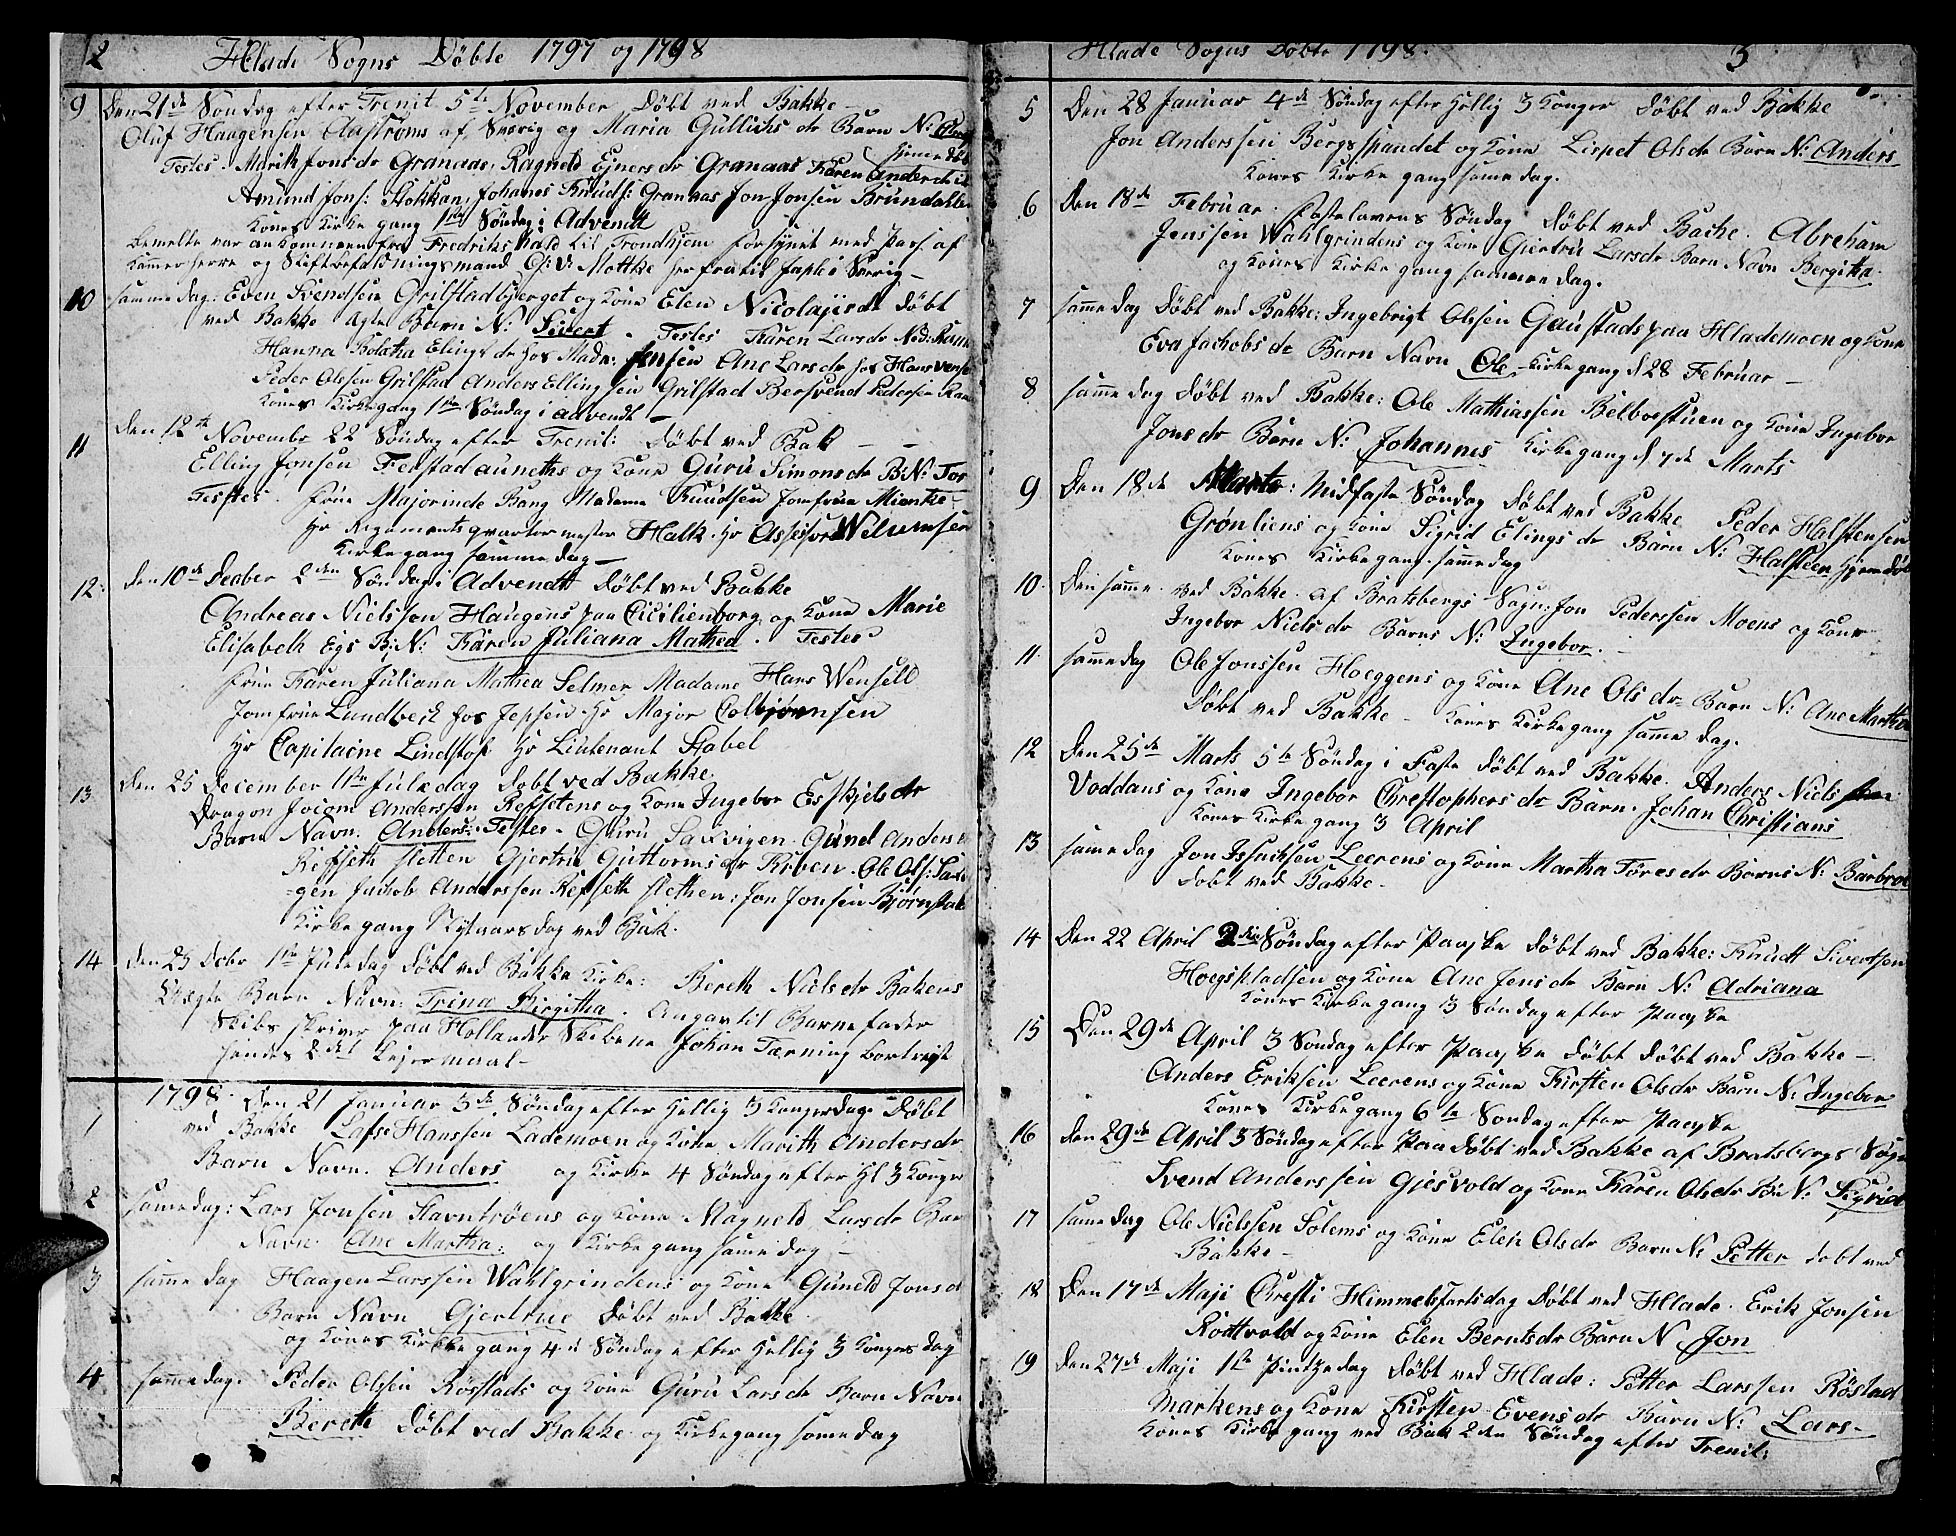 SAT, Ministerialprotokoller, klokkerbøker og fødselsregistre - Sør-Trøndelag, 606/L0306: Klokkerbok nr. 606C02, 1797-1829, s. 2-3